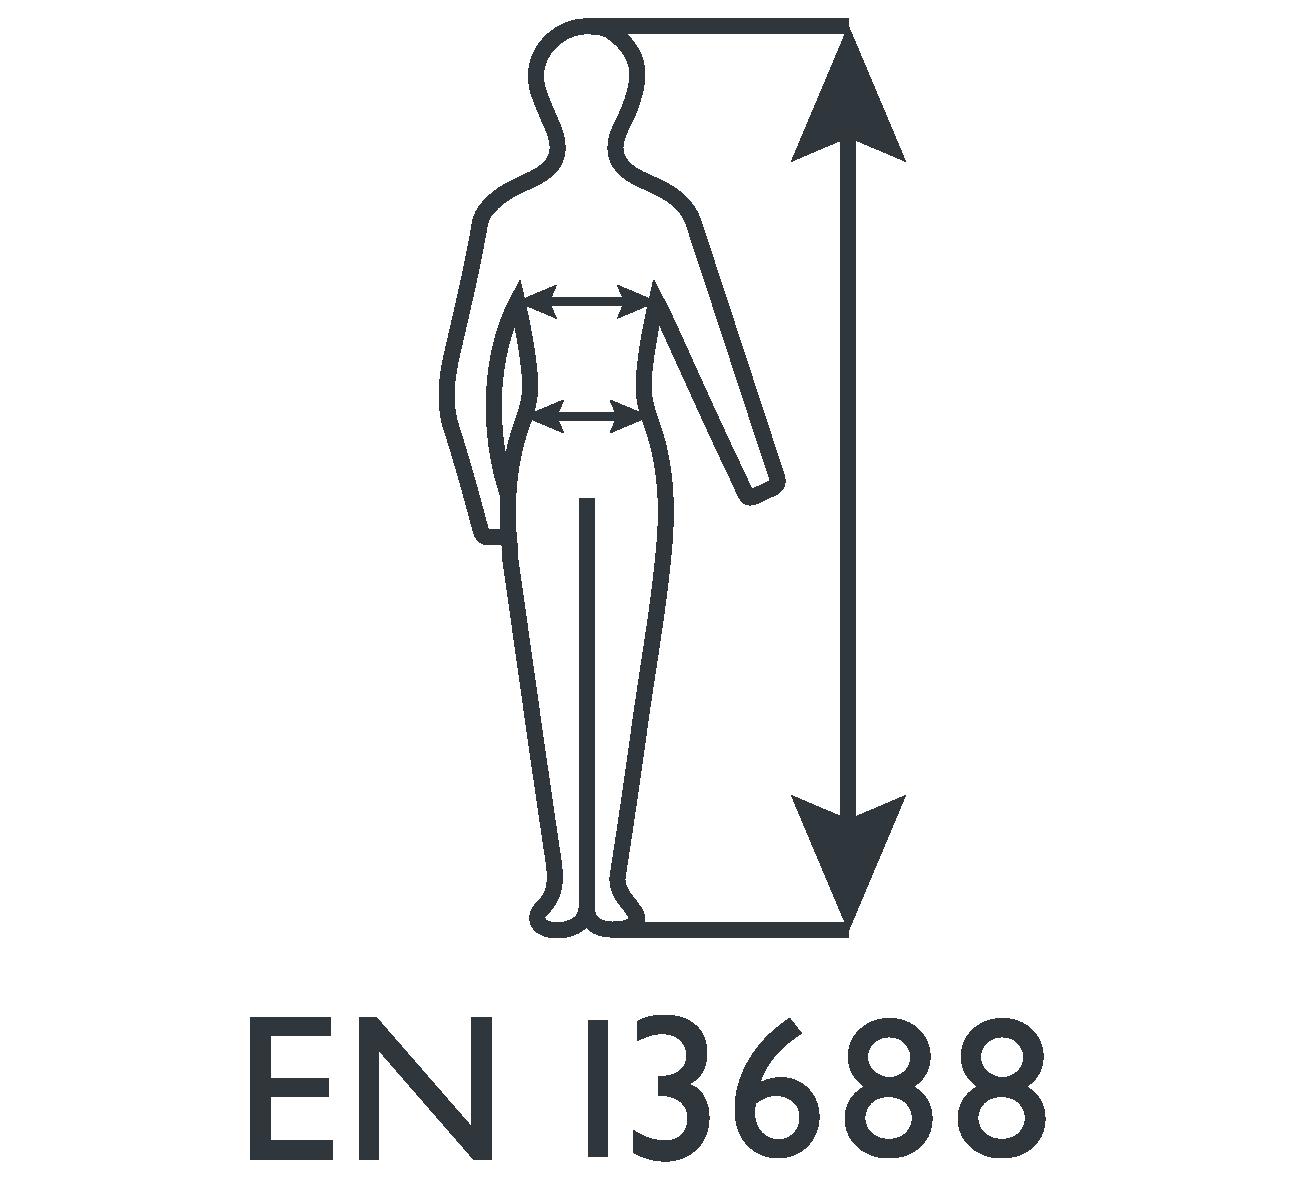 EN 13688 Requisitos mínimos de roupa de proteção Marina Textil